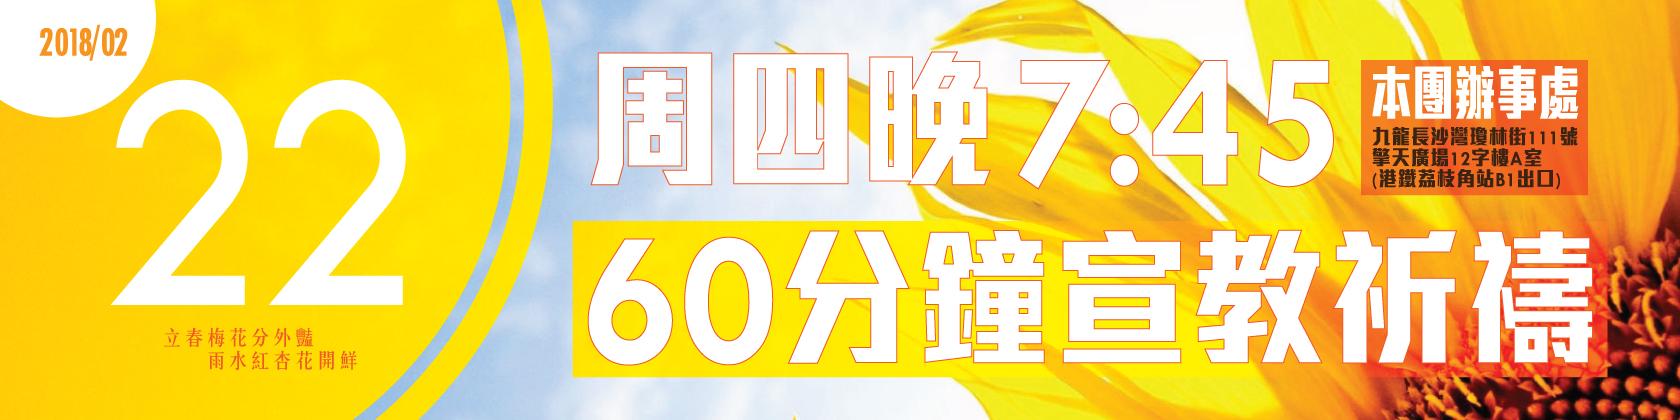 2018祈禱會-02